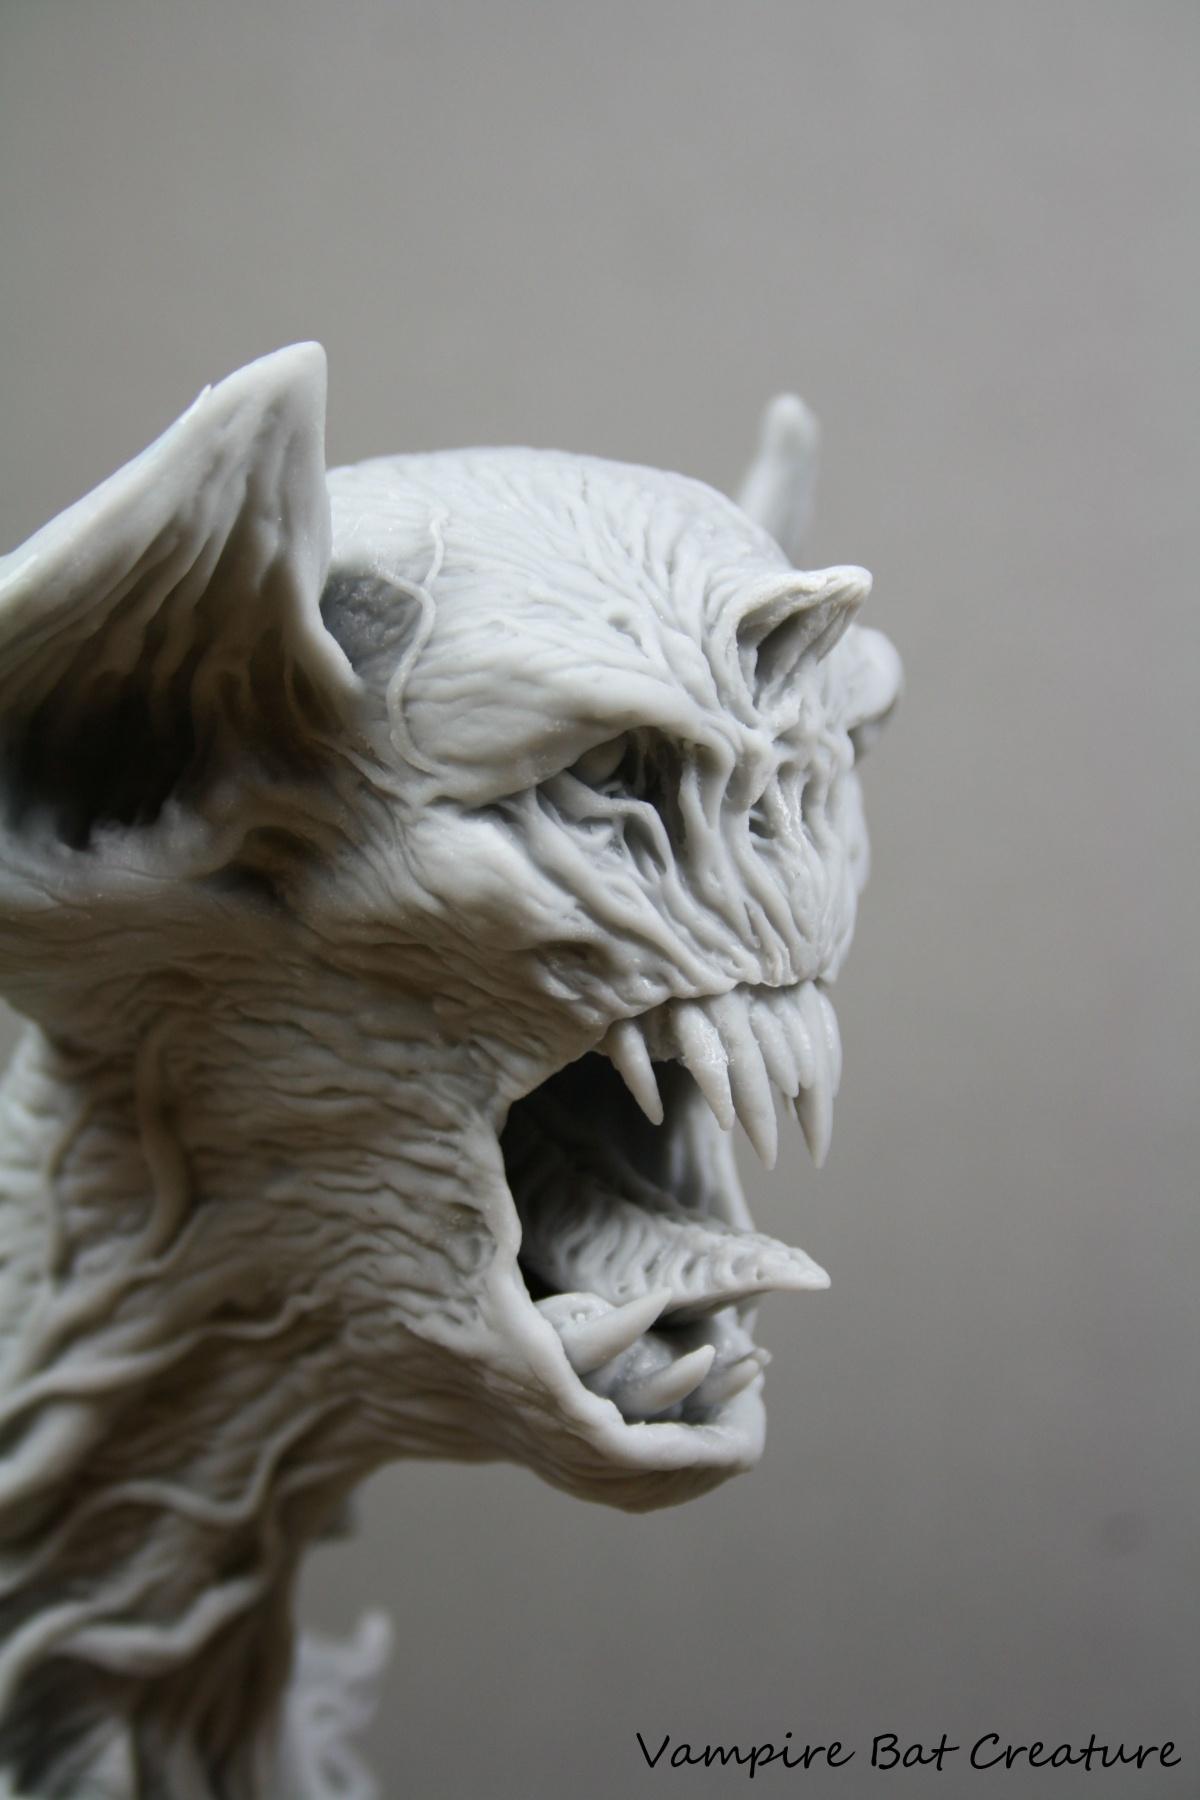 Vampire Bat Creature By George Tsougkouzidis 183 Putty Amp Paint